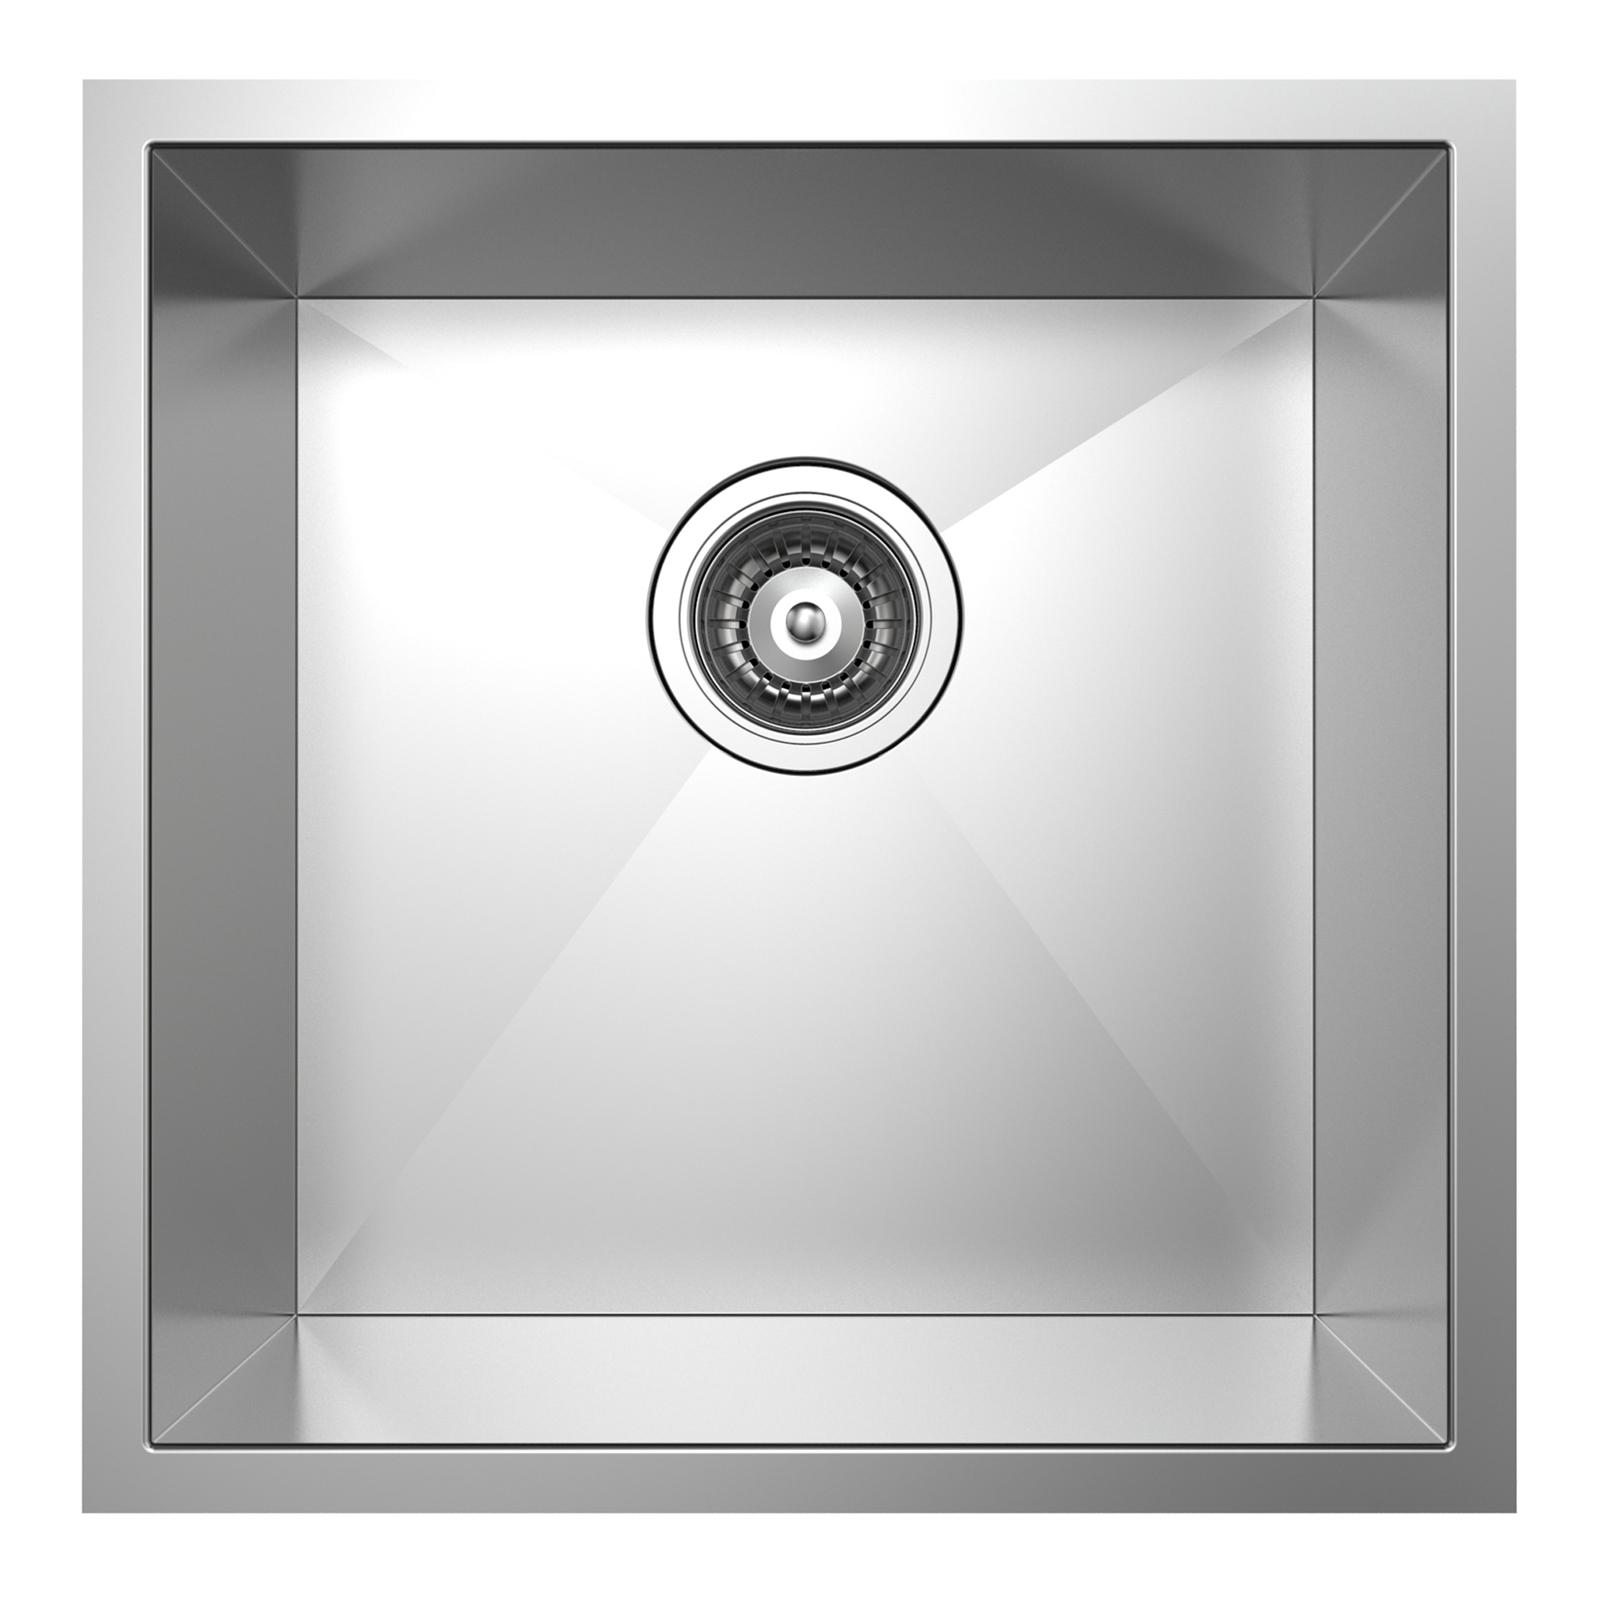 Mondella Rococo Square Single Bowl Sink